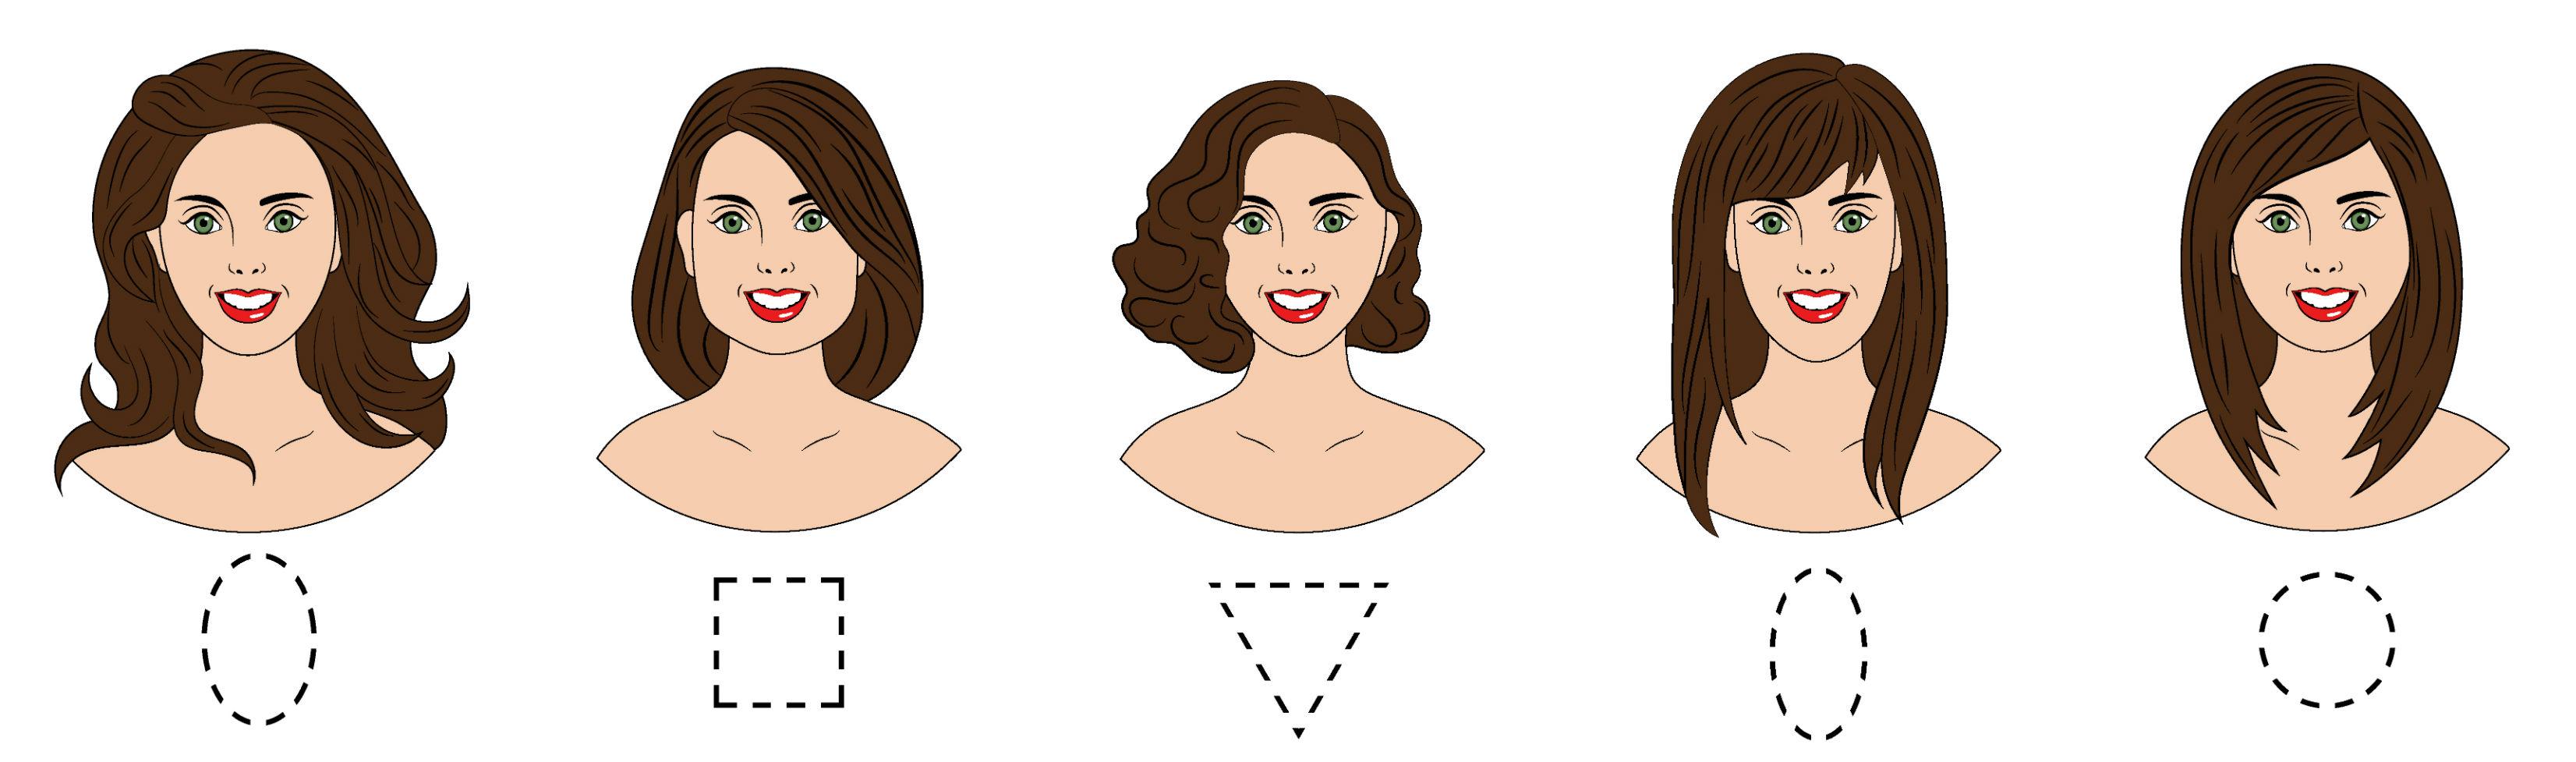 fryzury do kształtu twarzy